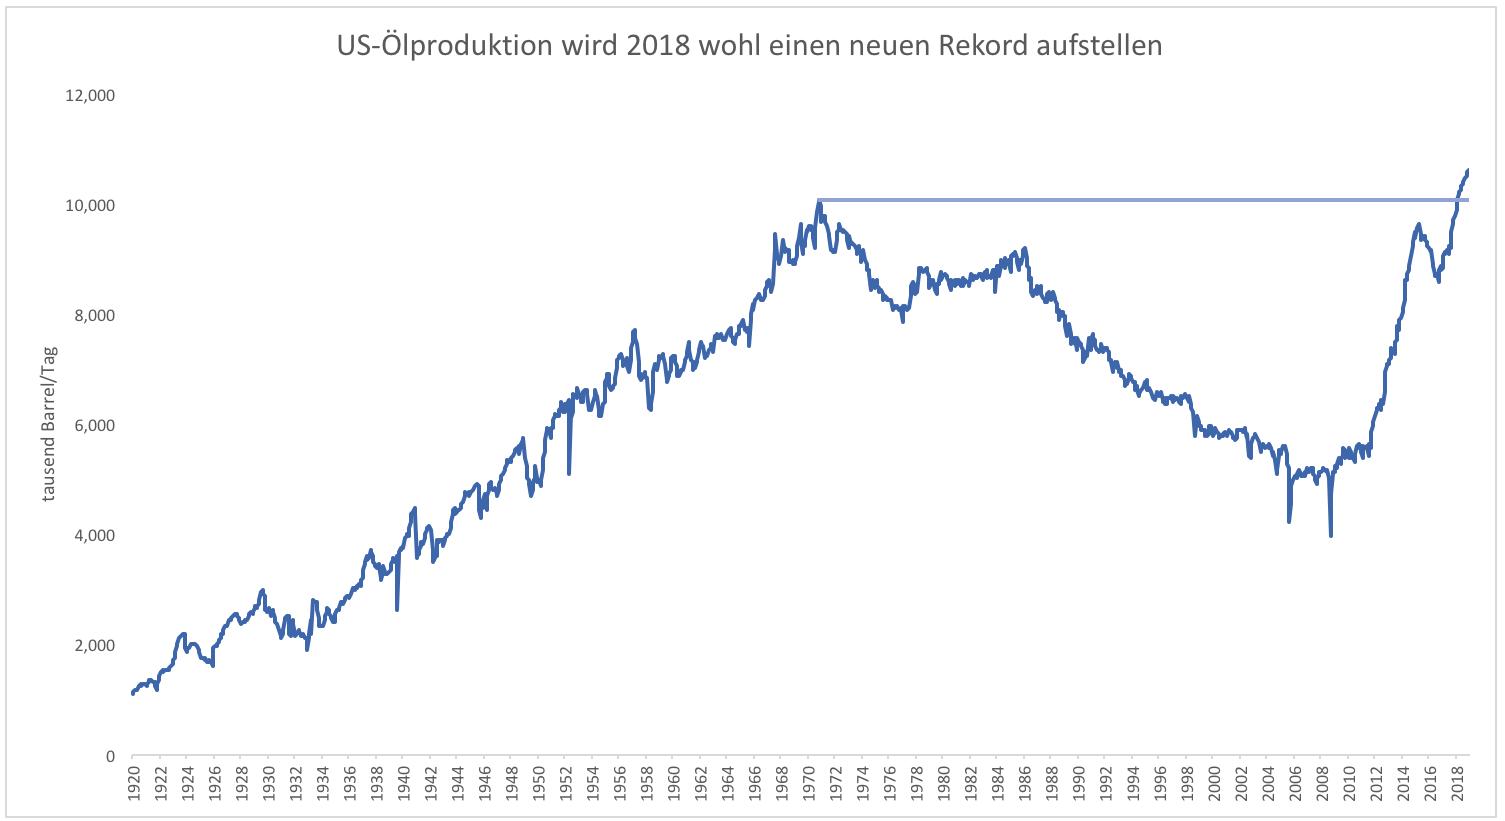 2018-Das-Jahr-des-Ölrekords-Kommentar-Clemens-Schmale-GodmodeTrader.de-1